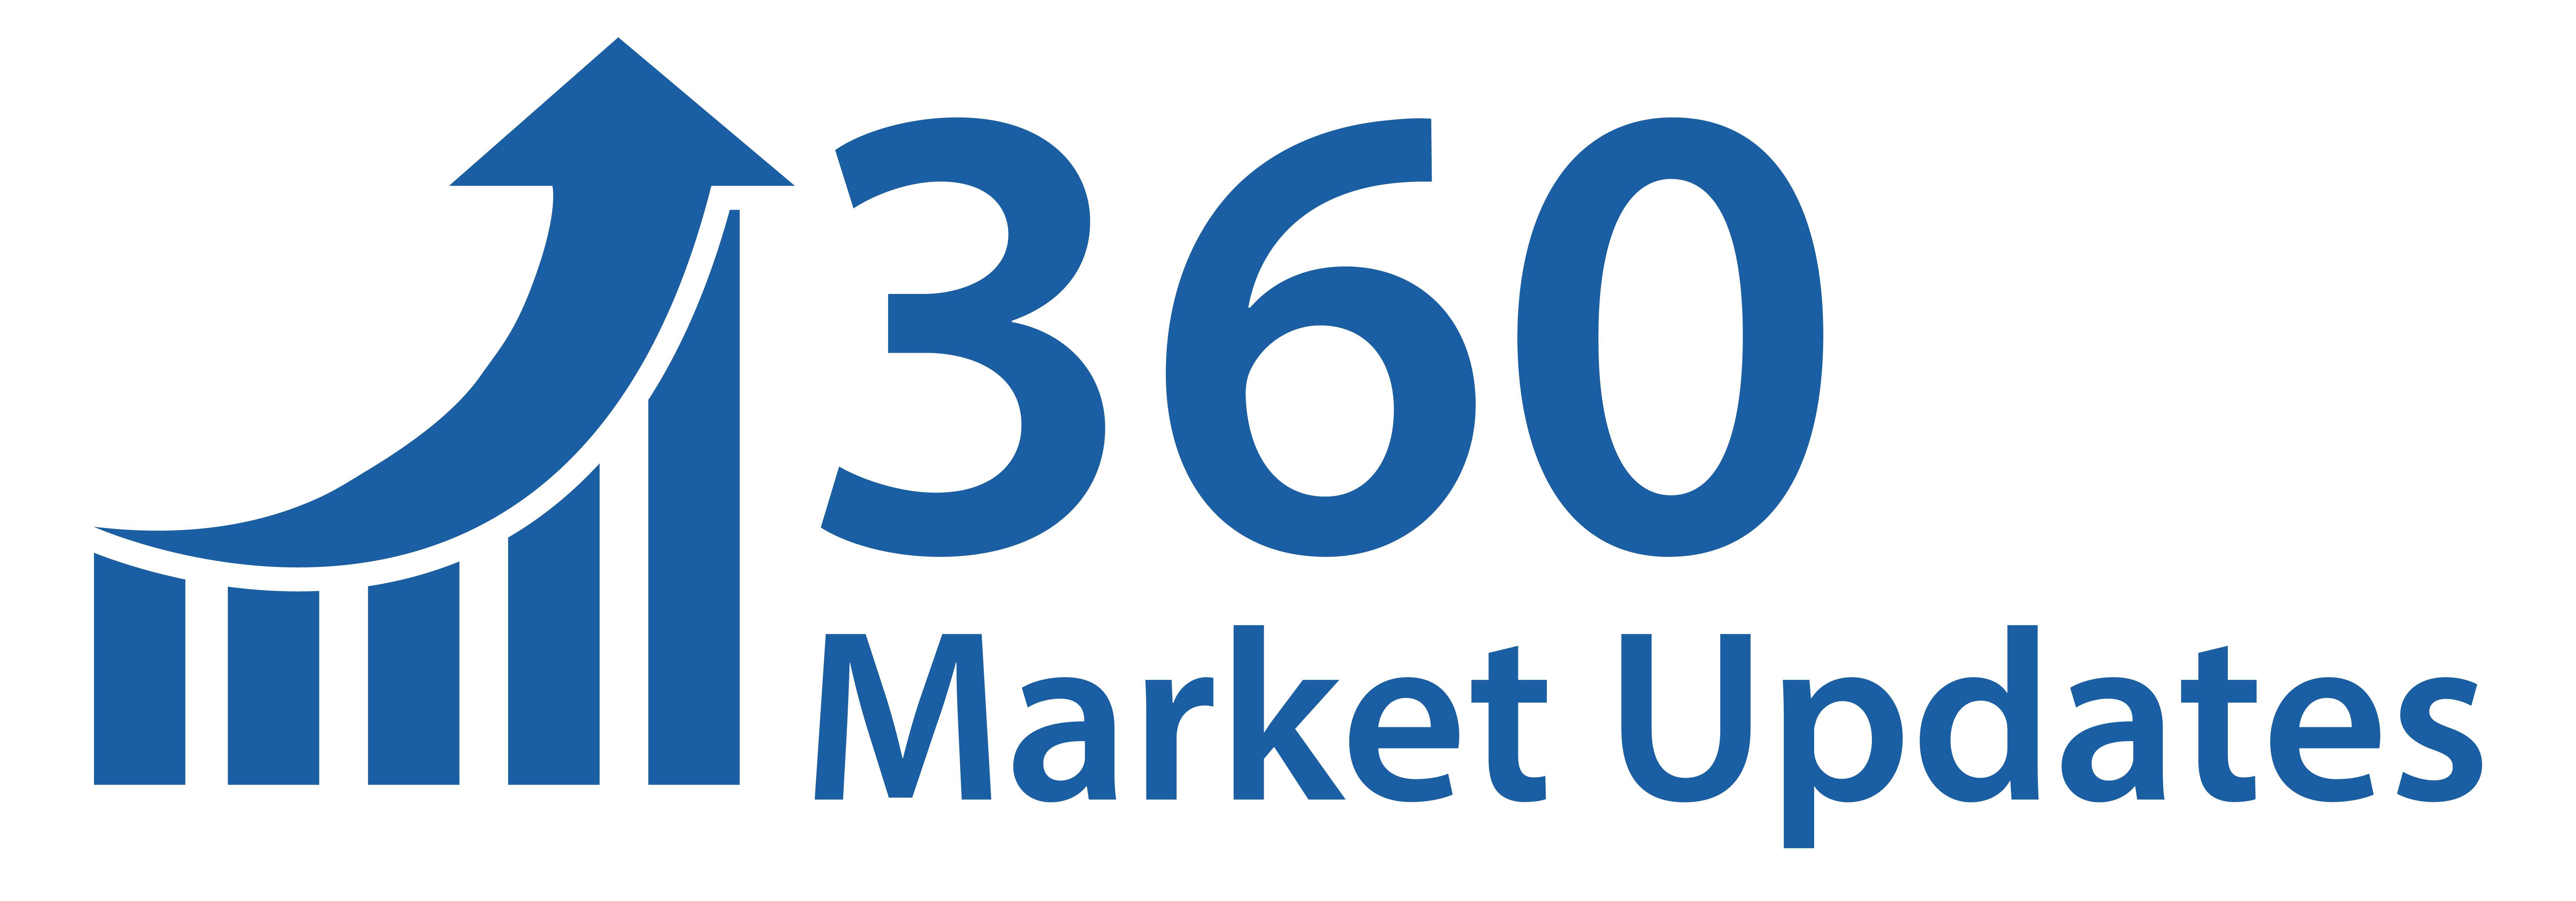 Hybrid-Matratzenmarkt: Geschäftsentwicklungsmöglichkeiten für Neueinsteiger in den Sektoren